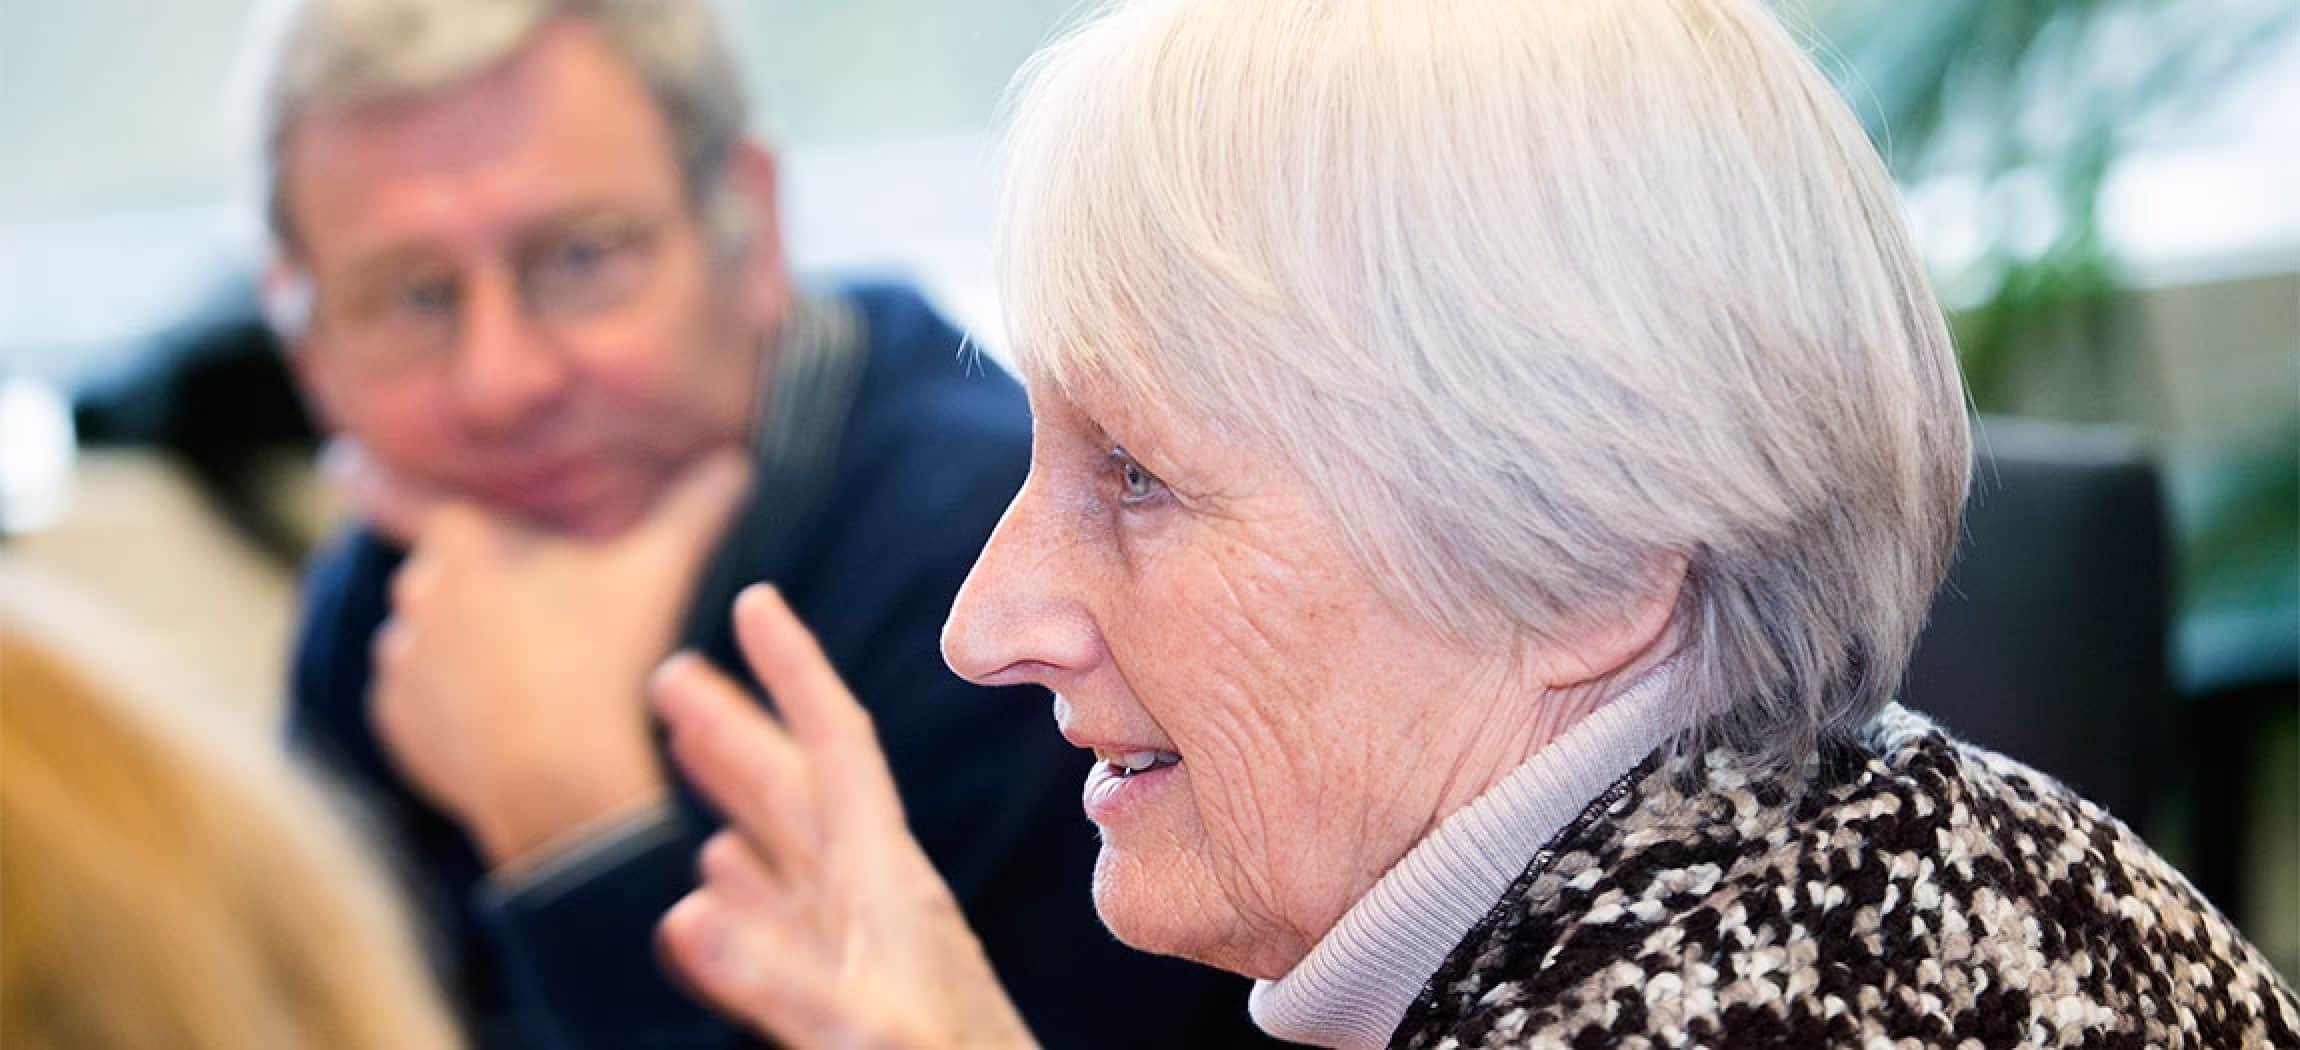 Vergadering vrouw met grijs haar spreekt over serieus onderwerp